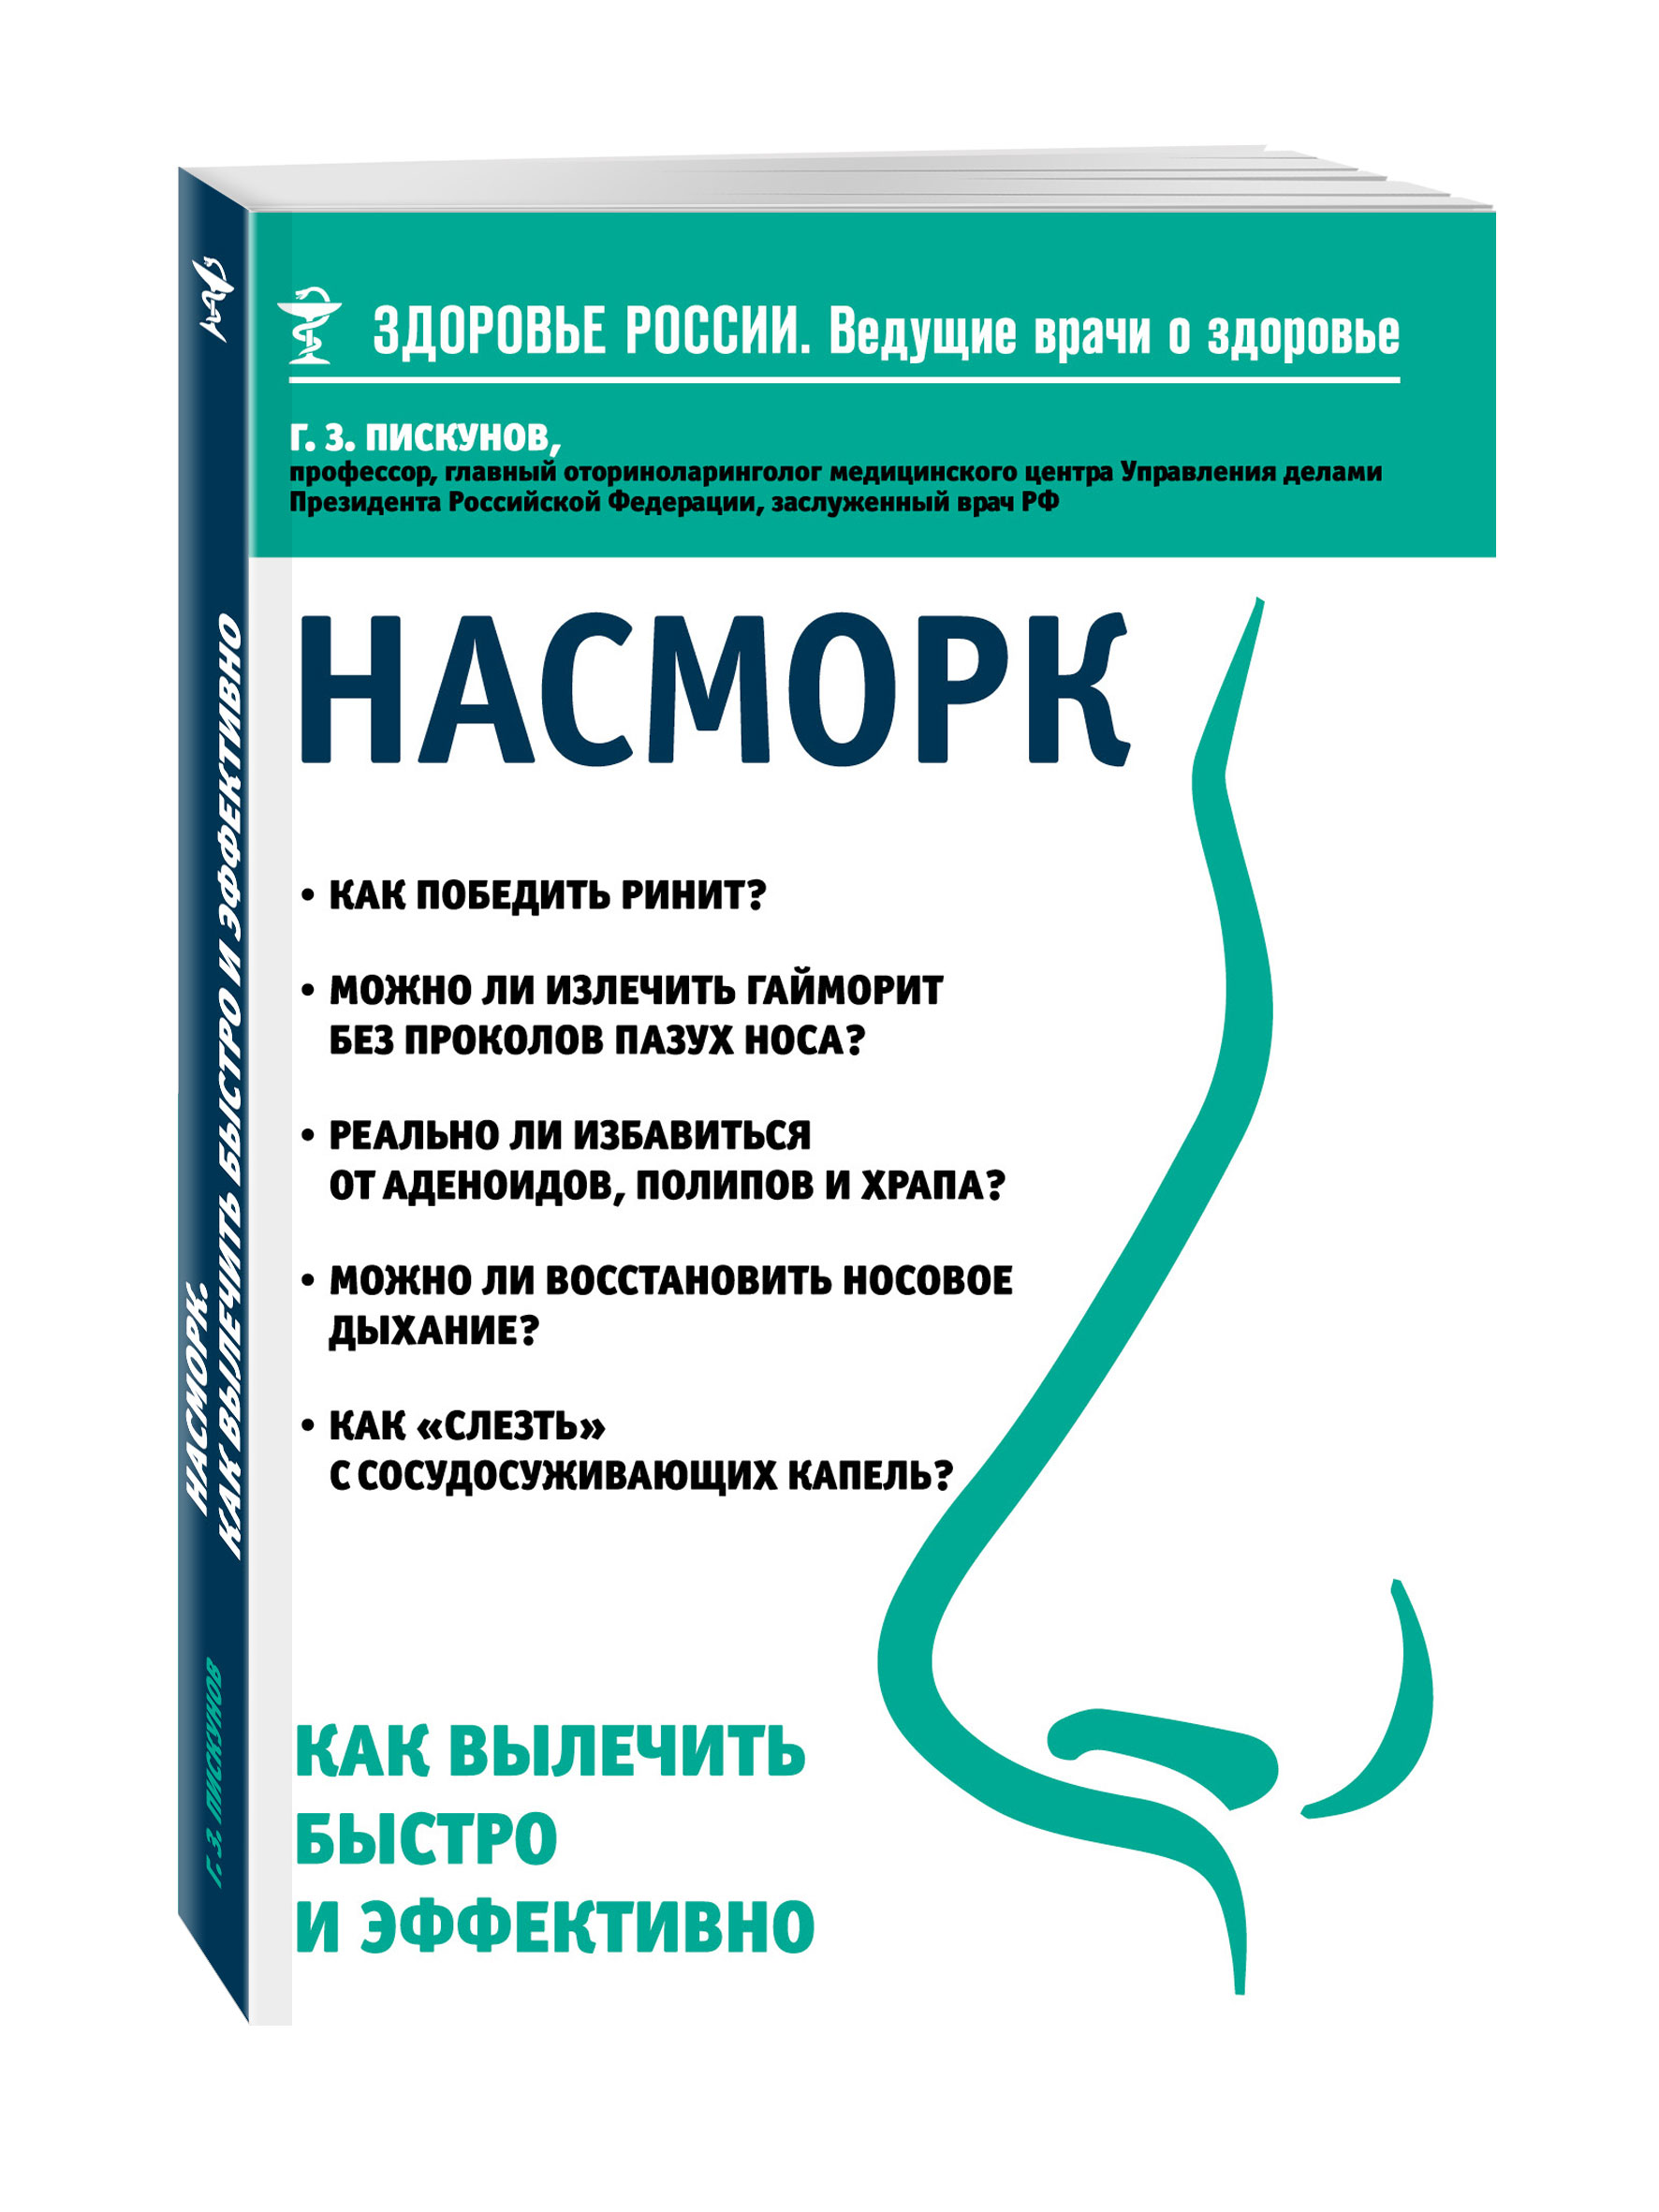 Насморк. Как вылечить быстро и эффективно от book24.ru